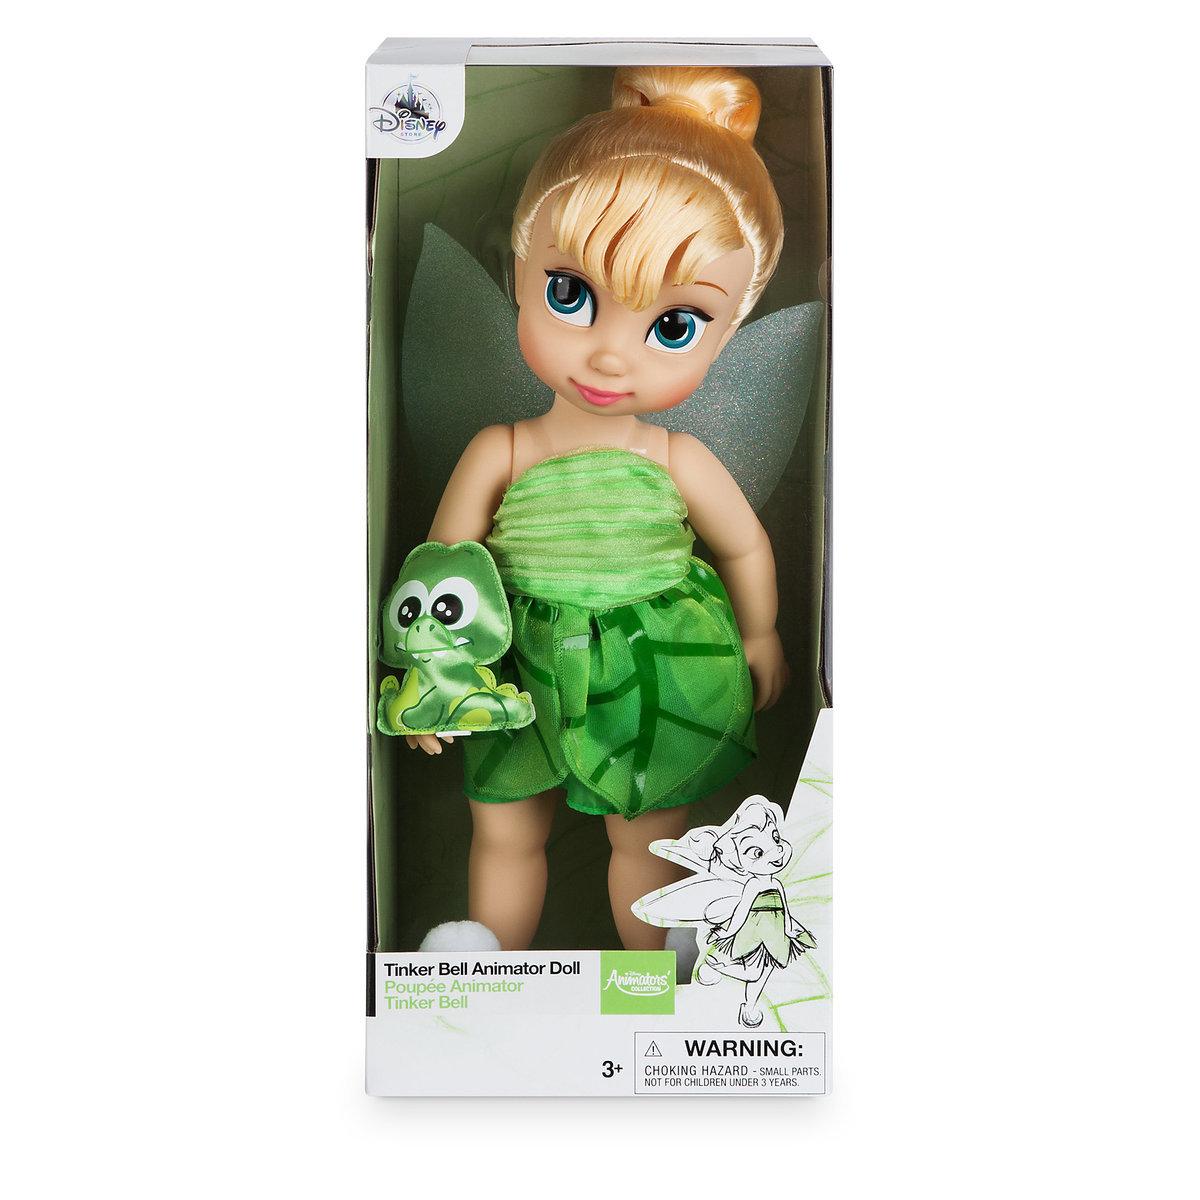 ティンカーベル グッズ アニメーター コレクションドール人形 ディズニー 16インチ ティンカーベル ピーターパン ギフト プレゼント